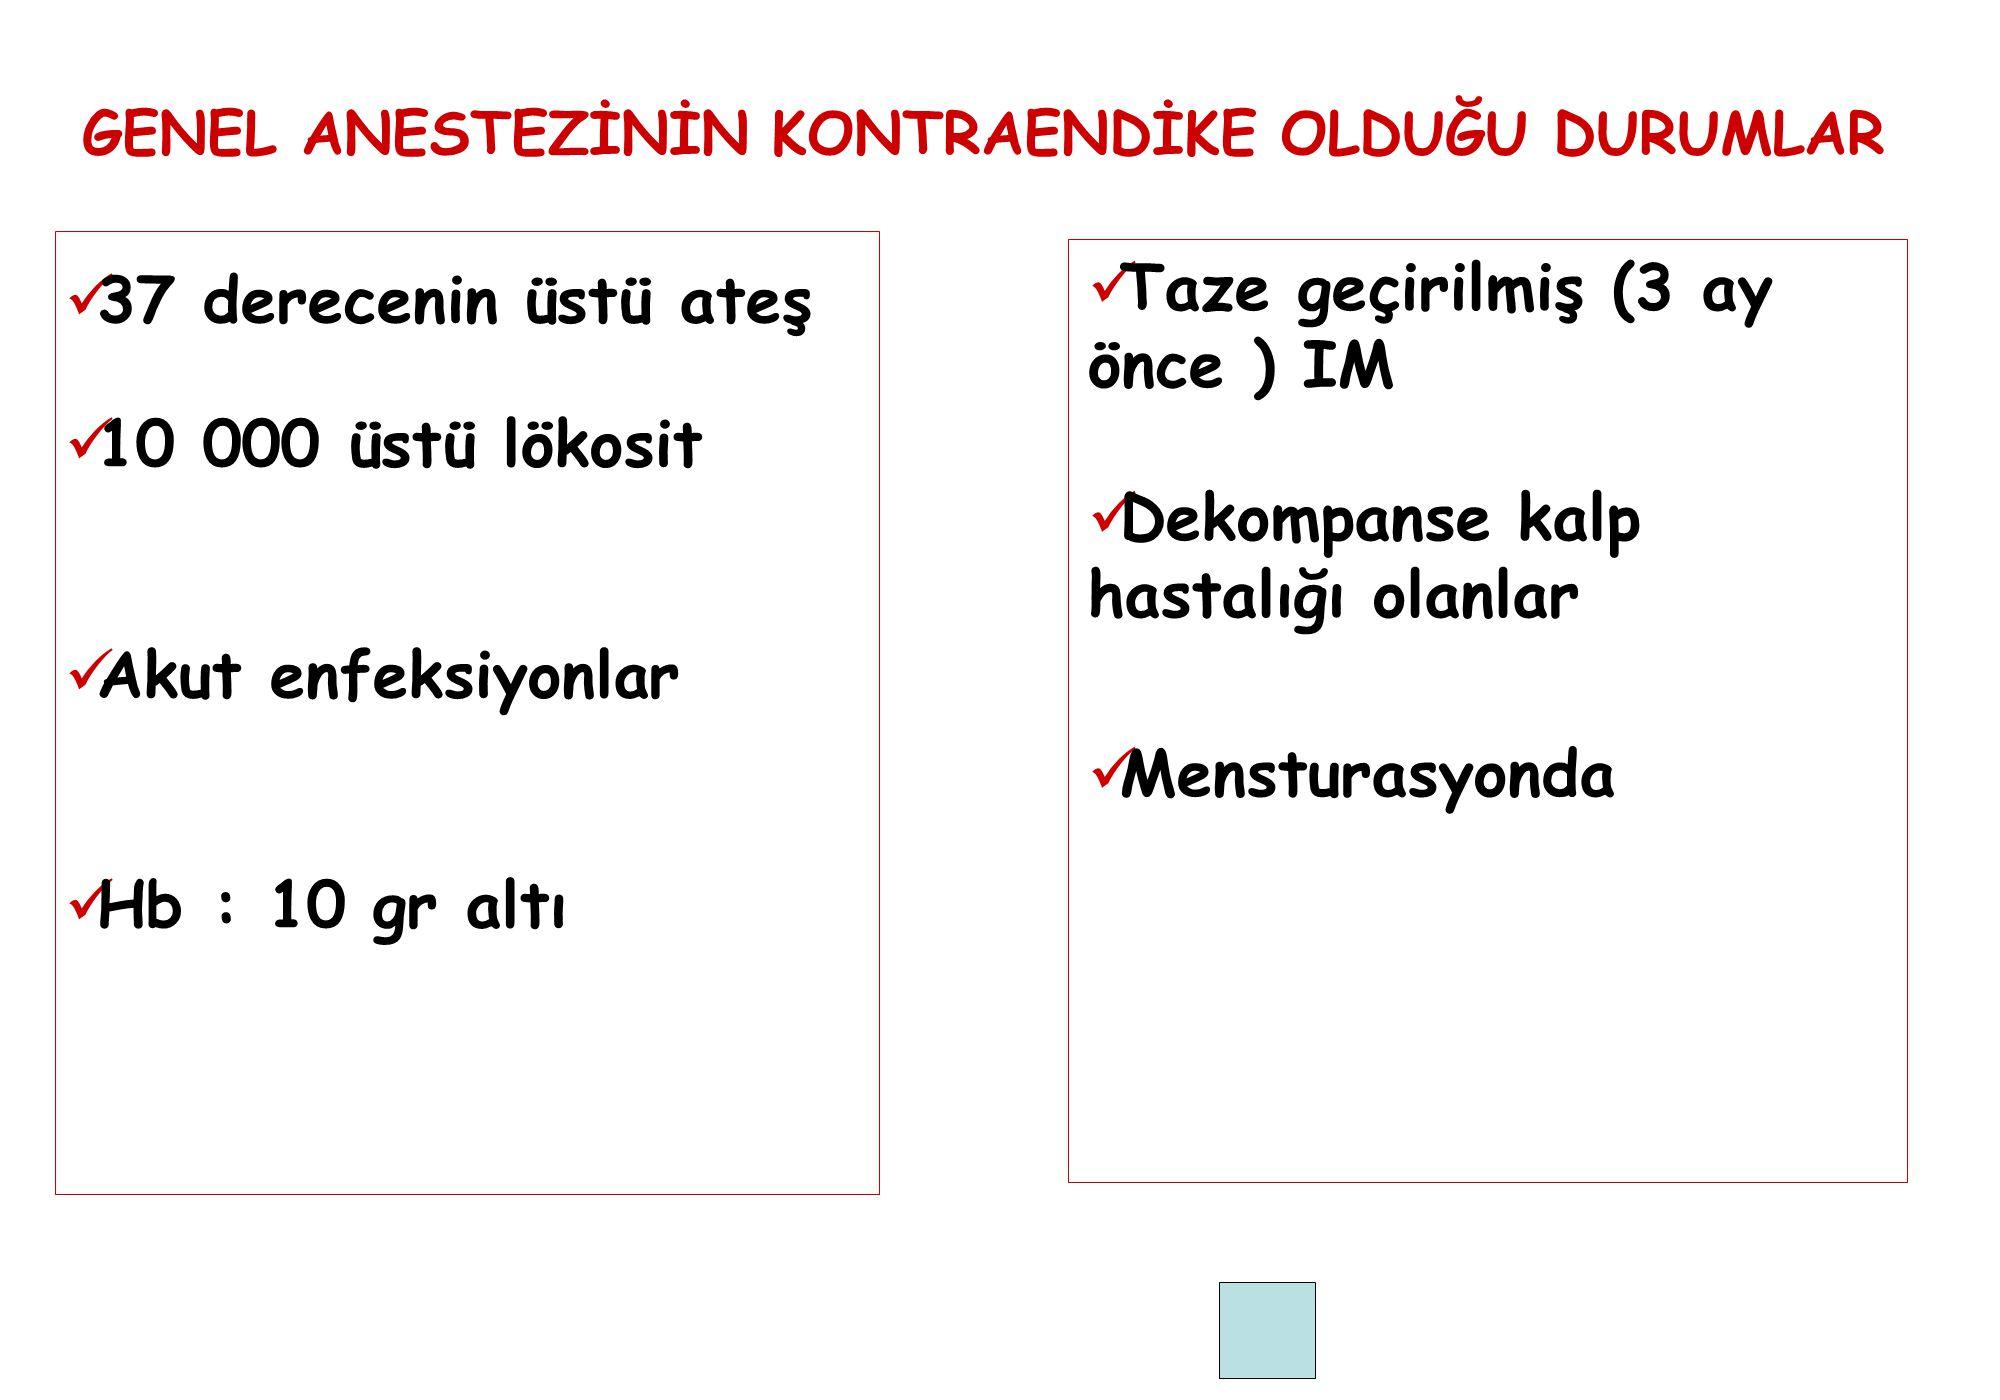 37 derecenin üstü ateş 10 000 üstü lökosit Akut enfeksiyonlar Hb : 10 gr altı Taze geçirilmiş (3 ay önce ) IM Dekompanse kalp hastalığı olanlar Menstu